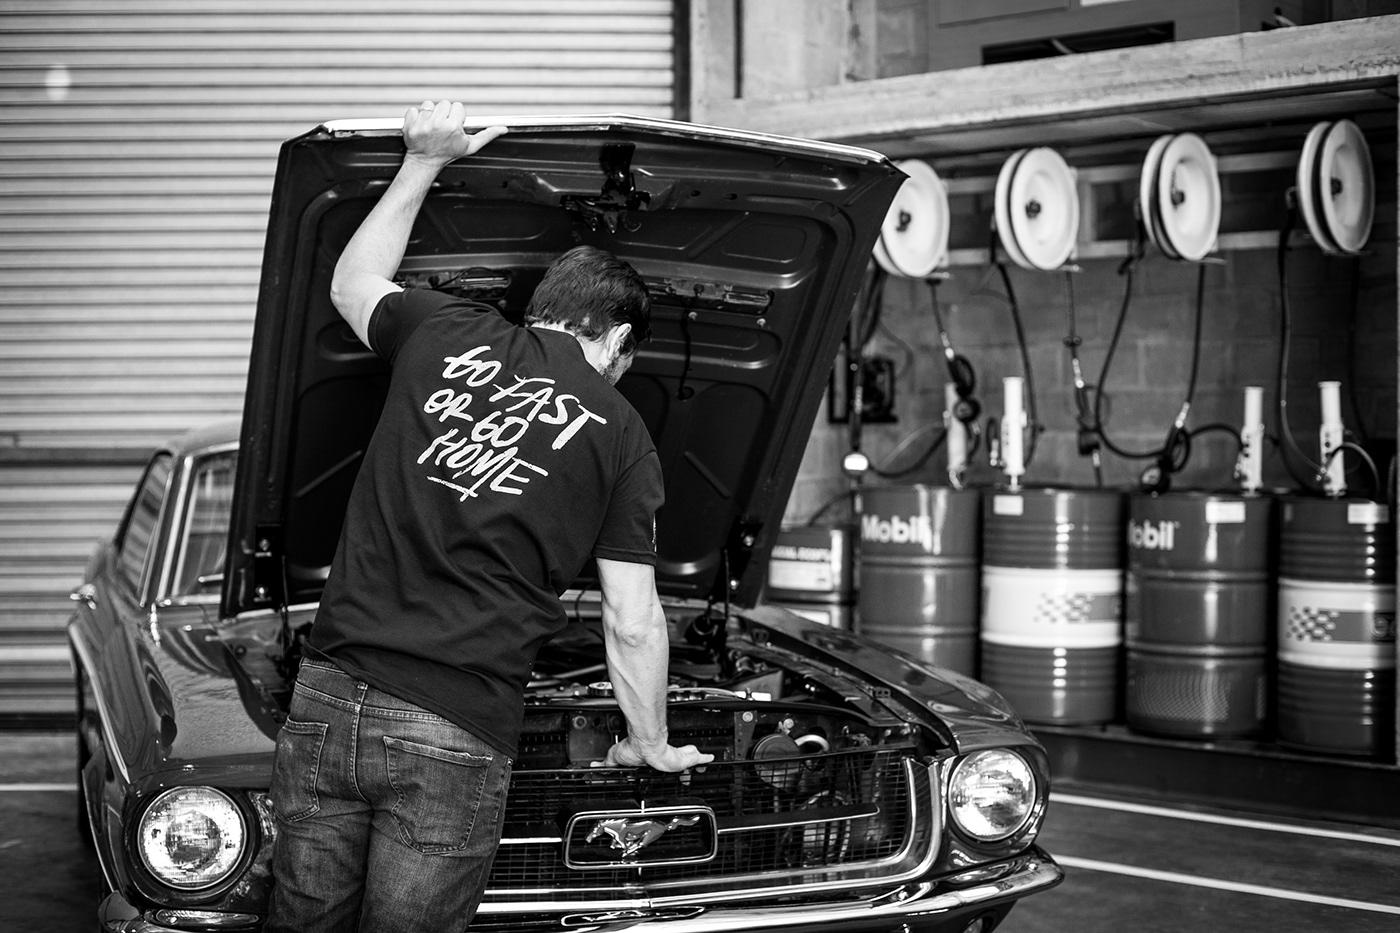 Hombre arreglando auto Munstang.  Man fixing Mustang car.